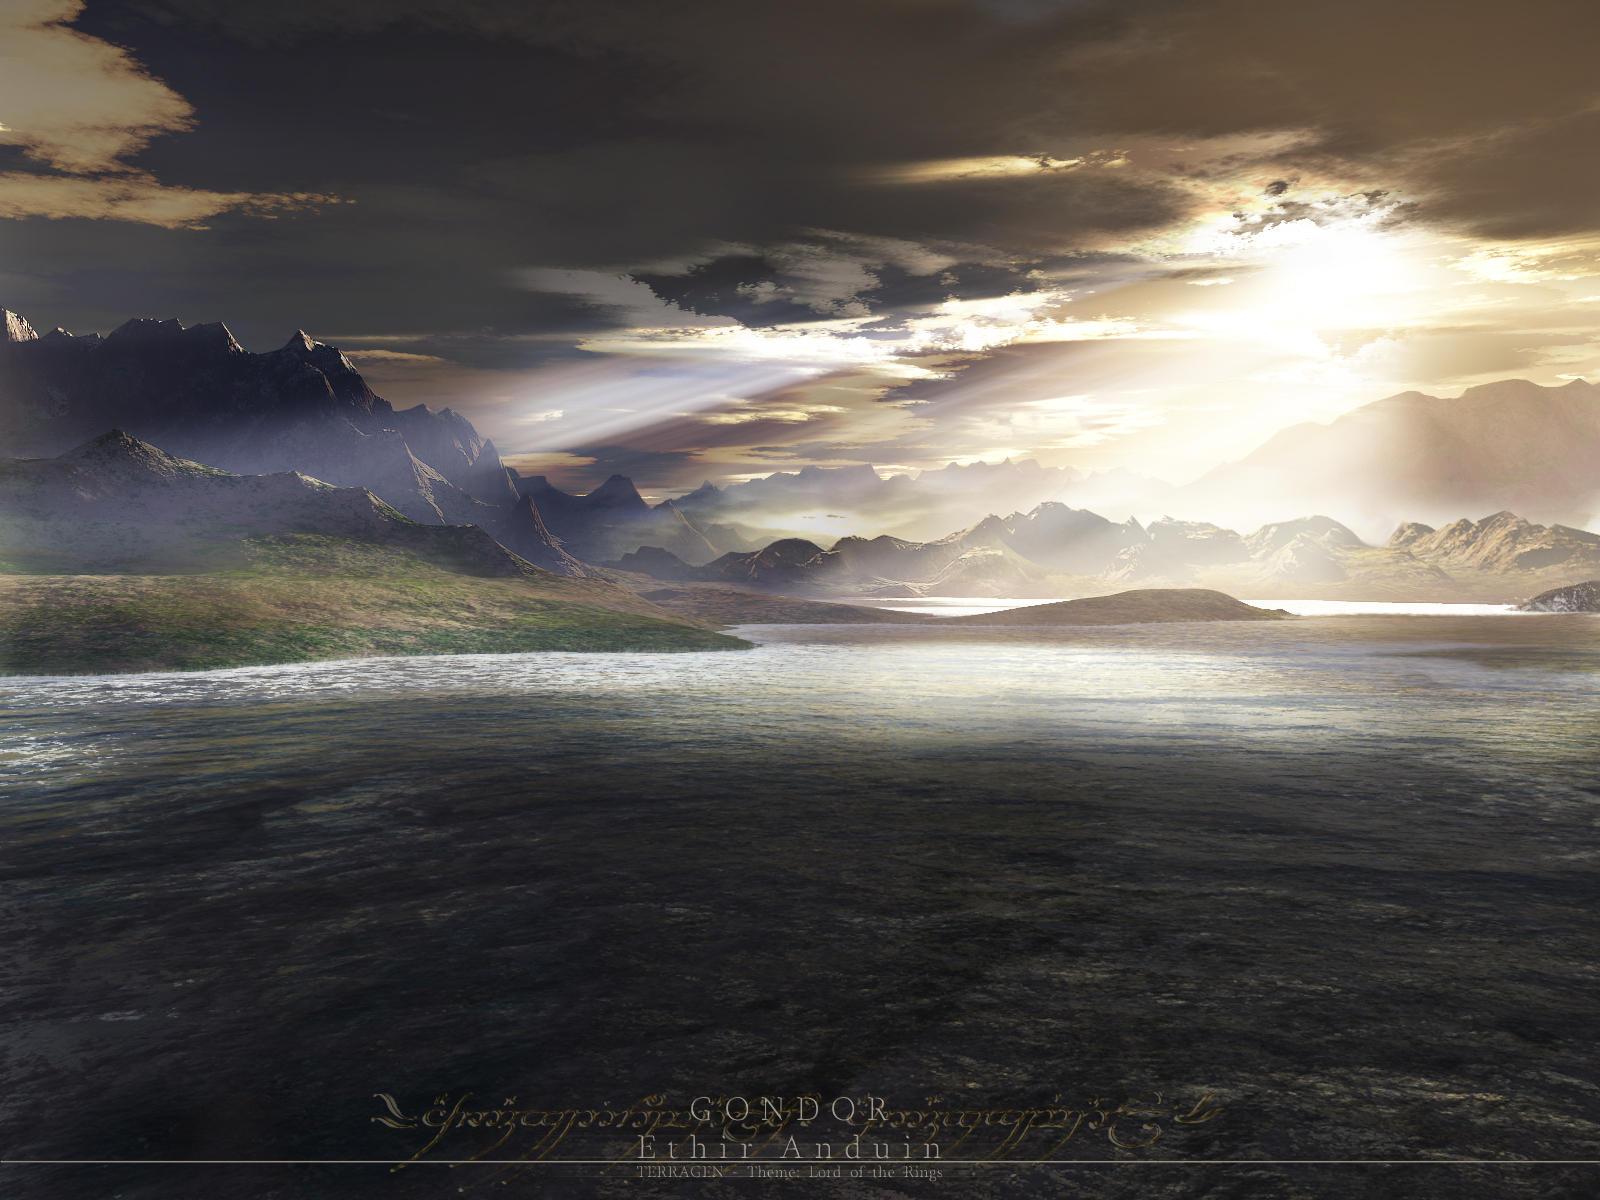 Terragen - Ethir Anduin by tigaer